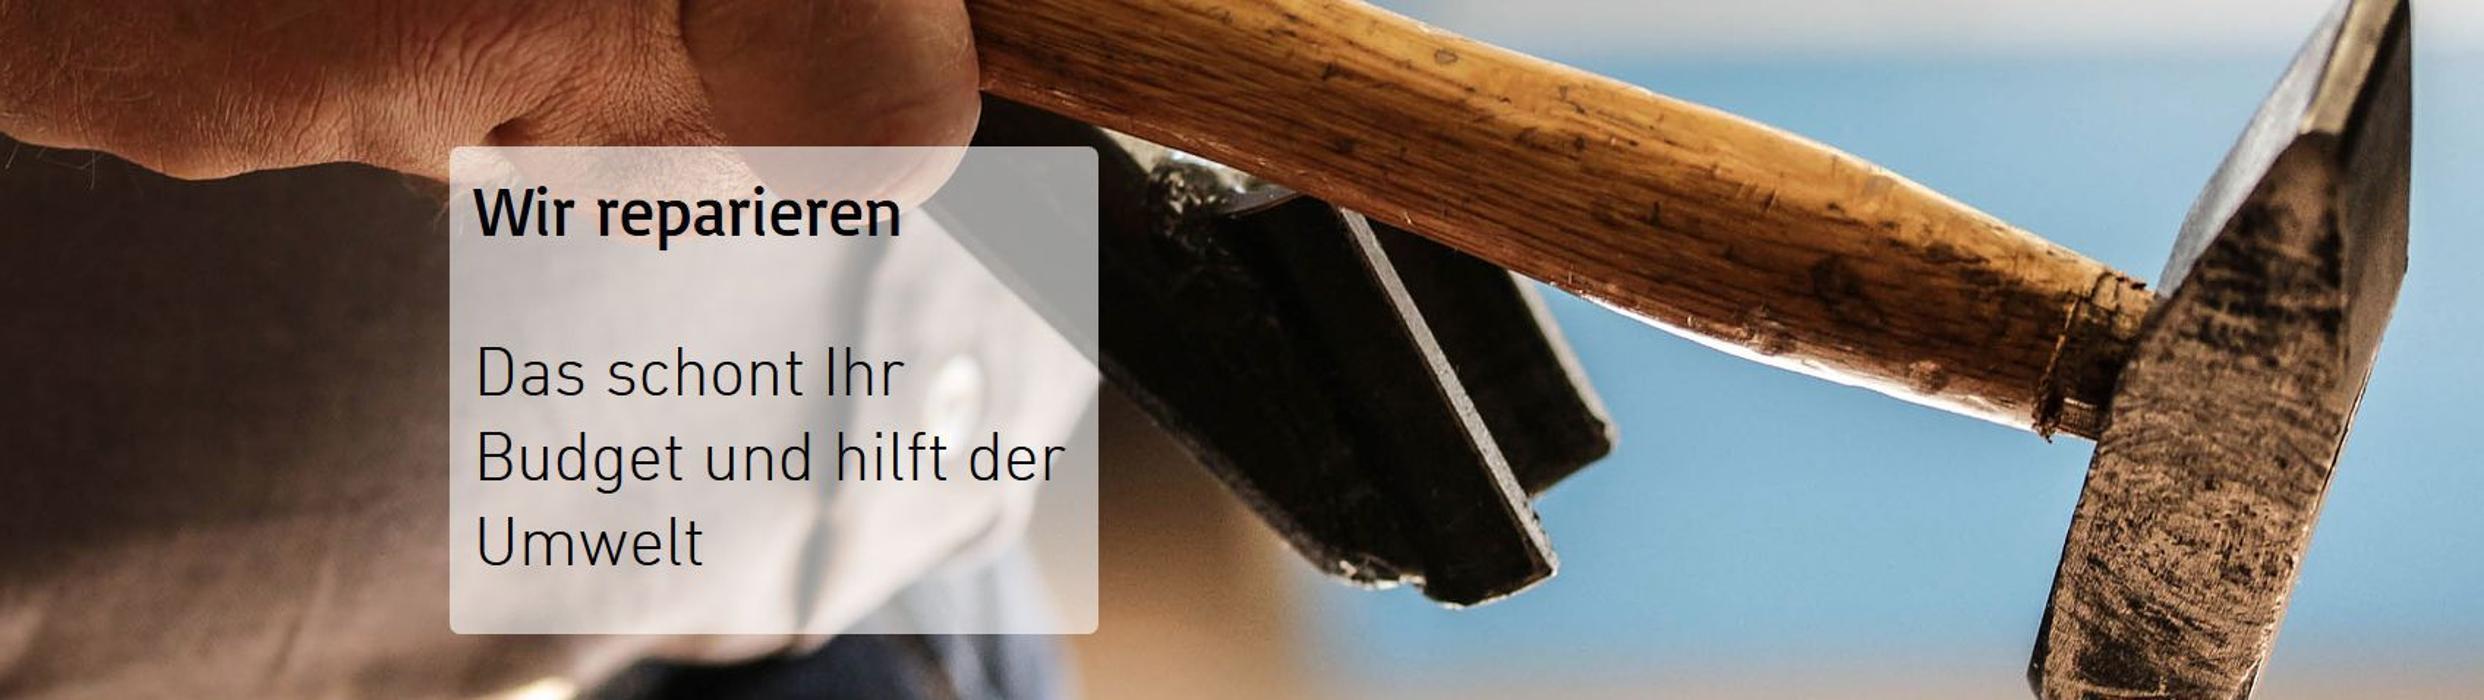 Bss Rothen Ag Zug Industriestrasse 57 öffnungszeiten Angebote